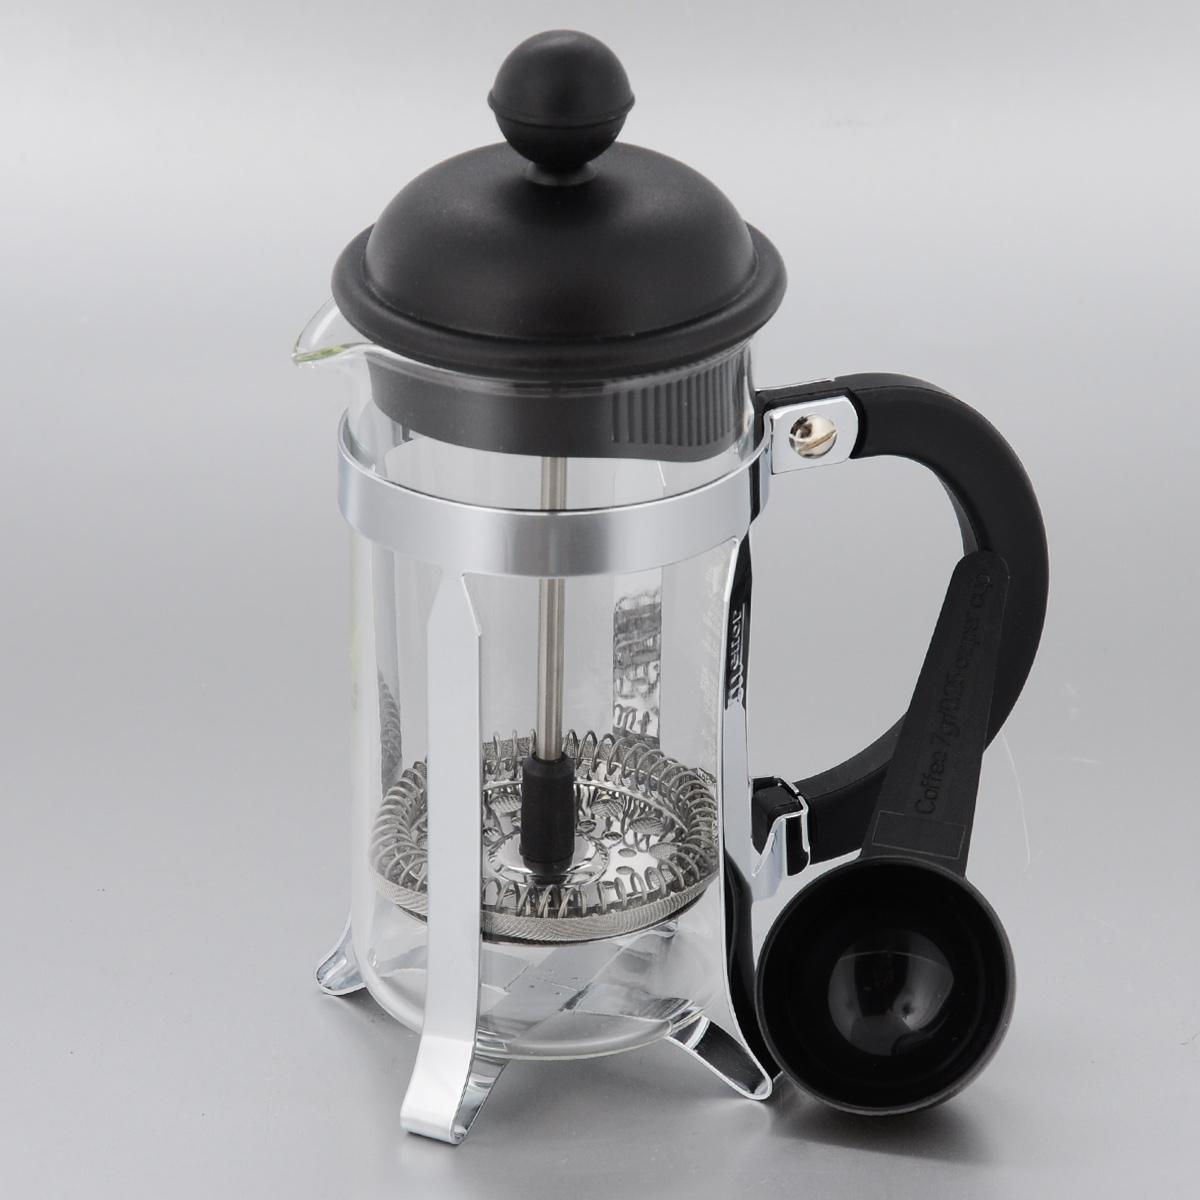 Френч-пресс Melior, с мерной ложкой, 350 млM1913-01Френч-пресс Melior позволит быстро и просто приготовить свежий и ароматный кофе или чай. Цветовая гамма подойдет даже для самого яркого интерьера. Френч-пресс изготовлен из высокотехнологичных материалов на современном оборудовании: - корпус изготовлен из высококачественного жаропрочного стекла, устойчивого к окрашиванию и царапинам; - фильтр-поршень из нержавеющей стали выполнен по технологии Press-Up для обеспечения равномерной циркуляции воды; - подставка из высококачественного силикона препятствует скольжению френч-пресса. Практичный и стильный дизайн френч-пресса Melior полностью соответствует последним модным тенденциям в создании предметов бытового назначения. В комплект входит мерная ложка. Можно мыть в посудомоечной машине. Диаметр по верхнему краю: 7 см. Высота (с учетом крышки): 18,5 см. Длина ложки: 10 см. Диаметр рабочей части: 4 см.